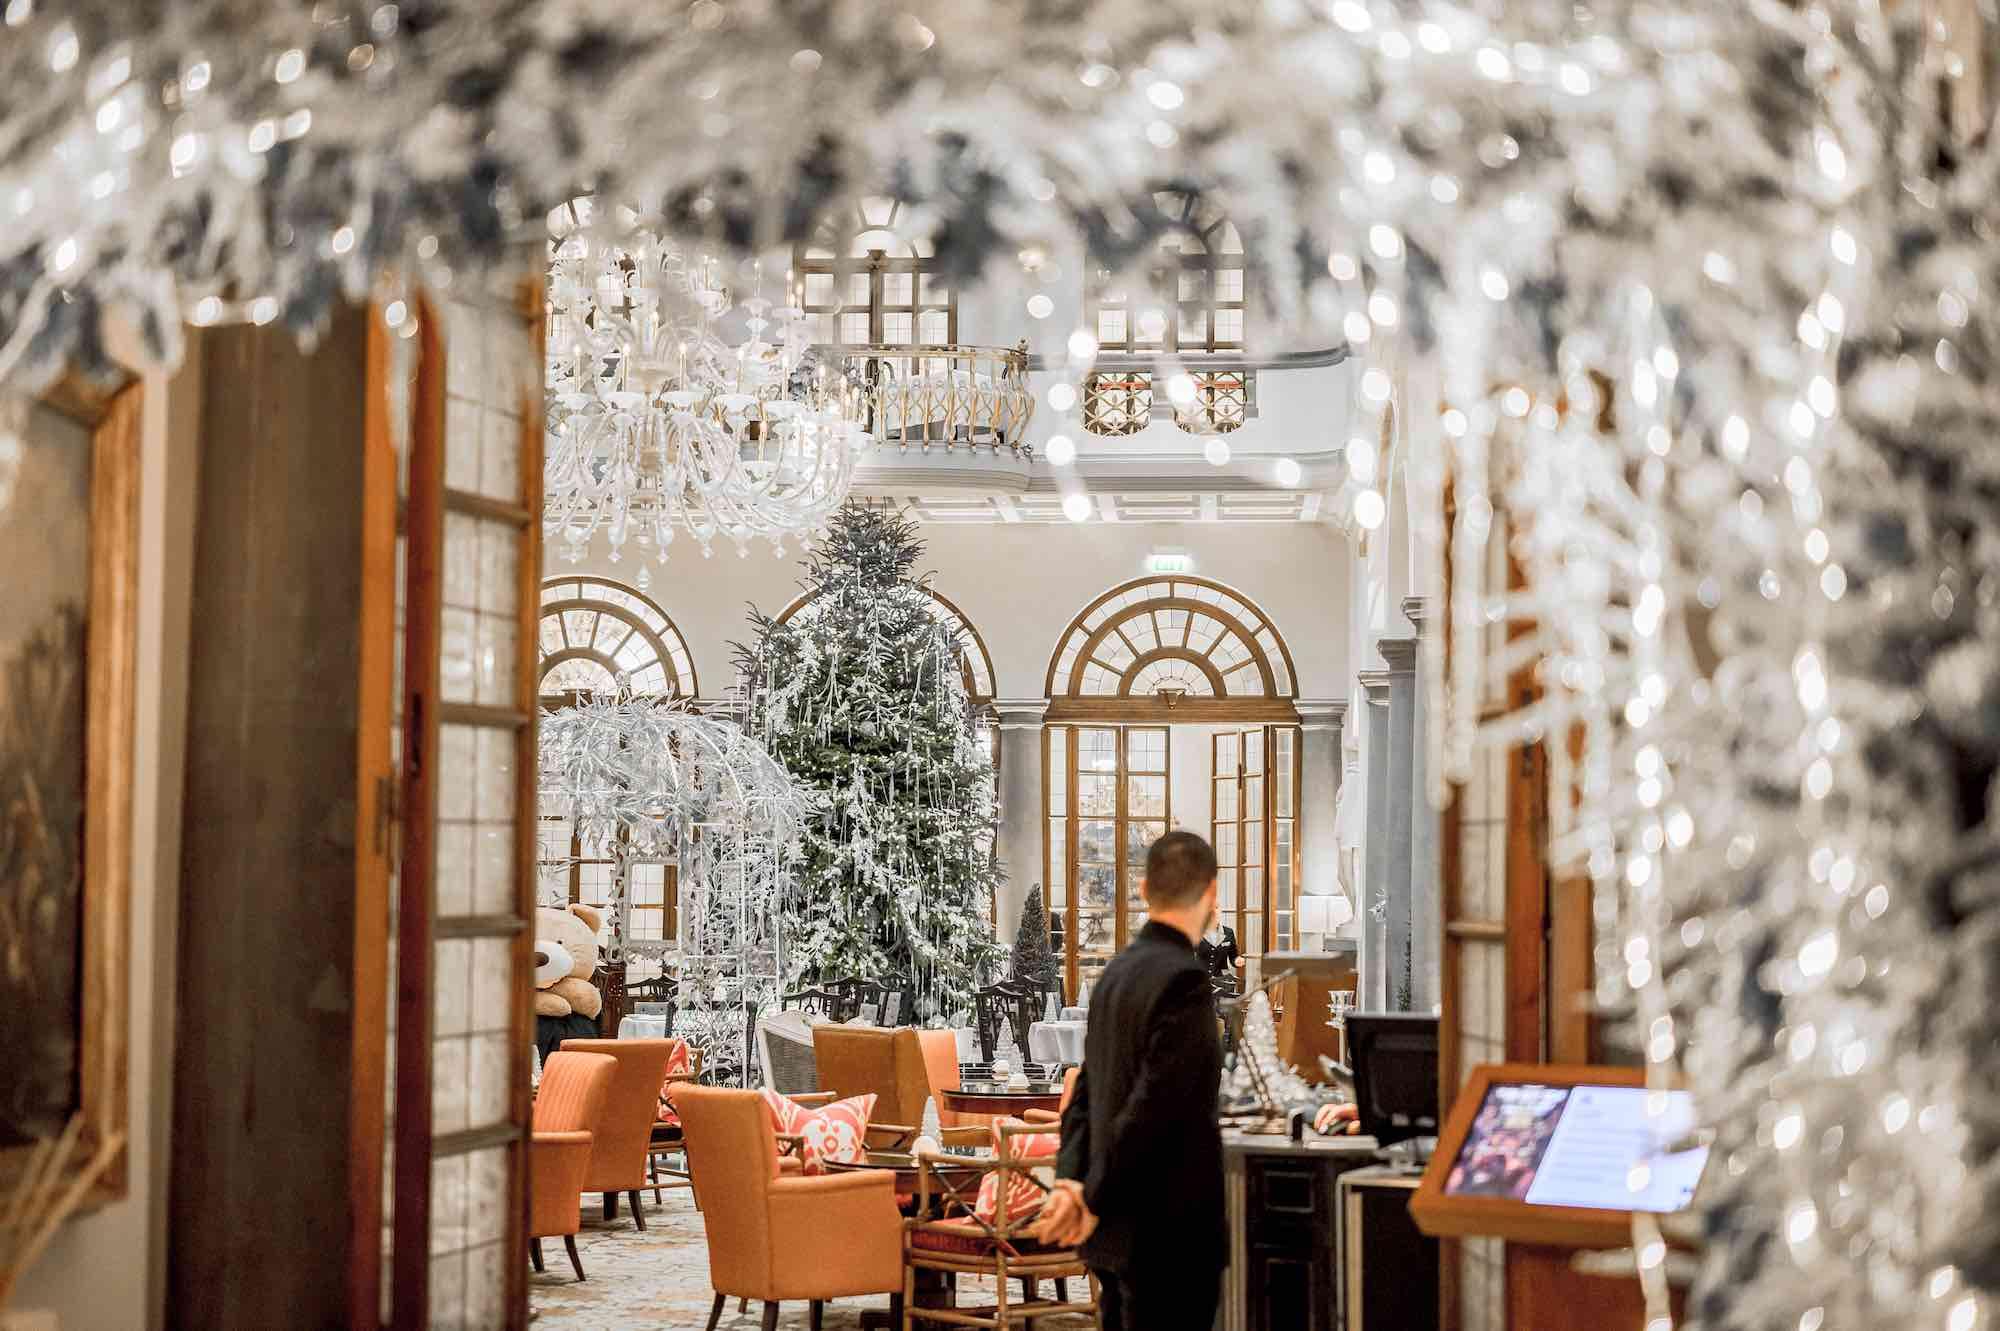 Capodanno 2020 a Firenze al Winter Garden by Caino all'interno del St. Regis Florence